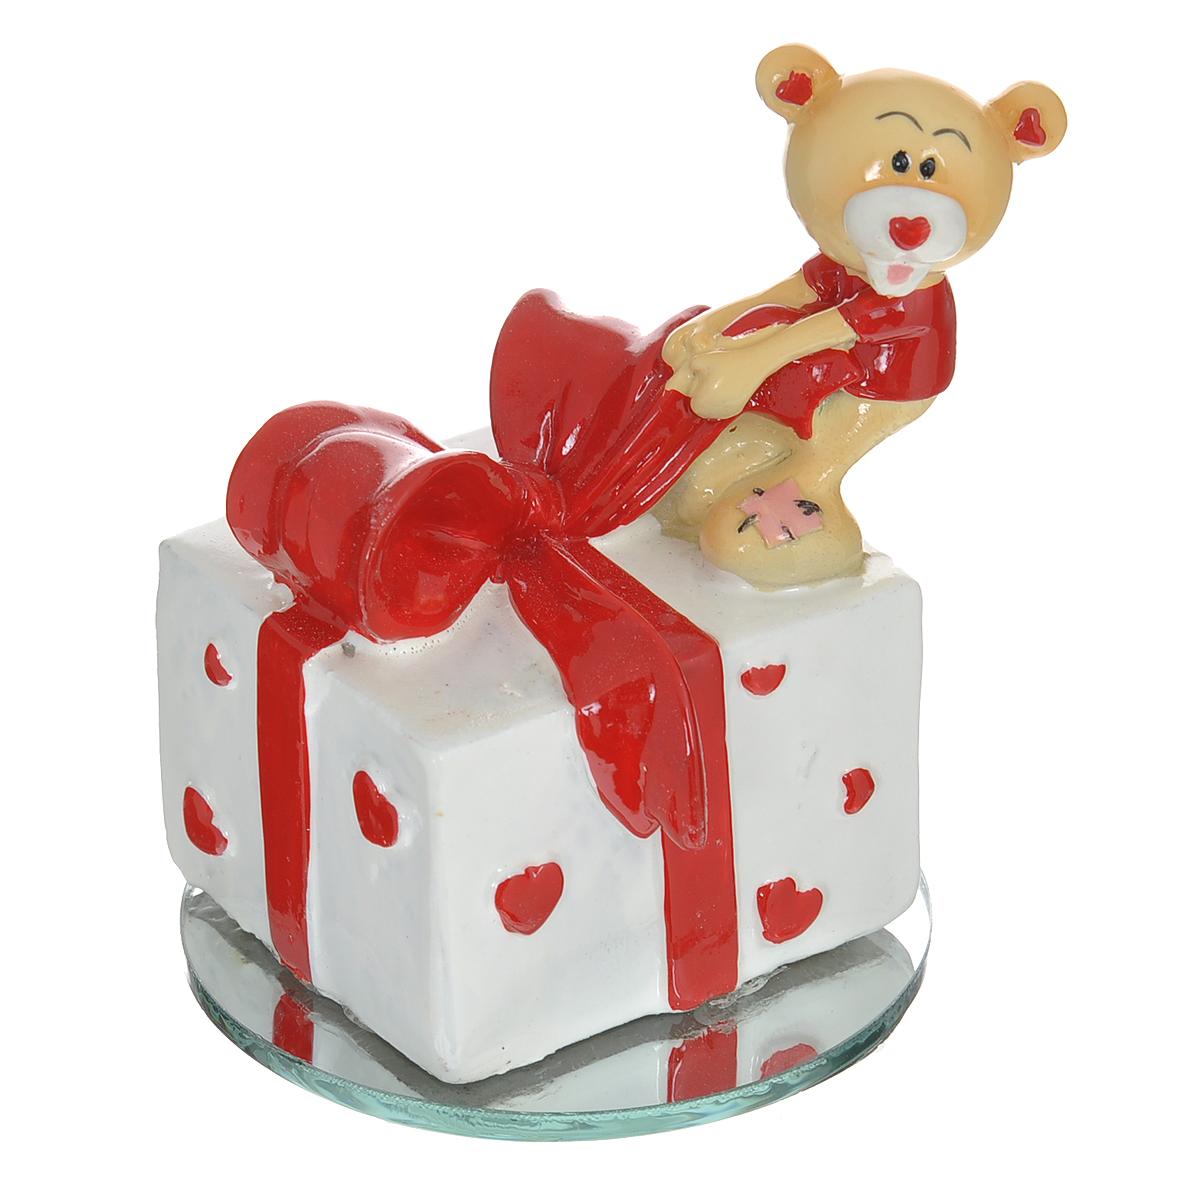 Фигурка декоративная Мишка-валентинка. 123435RG-D31SДекоративная фигурка Мишка-валентинка изготовлена из полистоуна в виде милого медвежонка, открывающего подарок. Фигурка расположена на круглой зеркальной подставке. Такая фигурка станет идеальным сувениром ко Дню Святого Валентина, она без лишних слов выразит все ваши чувства. Фигурка упакована в подарочную коробку, перевязанную красной атласной лентой. Характеристики: Материал: полистоун, стекло. Цвет: бежевый, красный, белый. Диаметр основания: 6,5 см. Высота фигурки: 8 см. Размер упаковки: 9,5 см х 9 см х 11 см. Артикул: 123435.